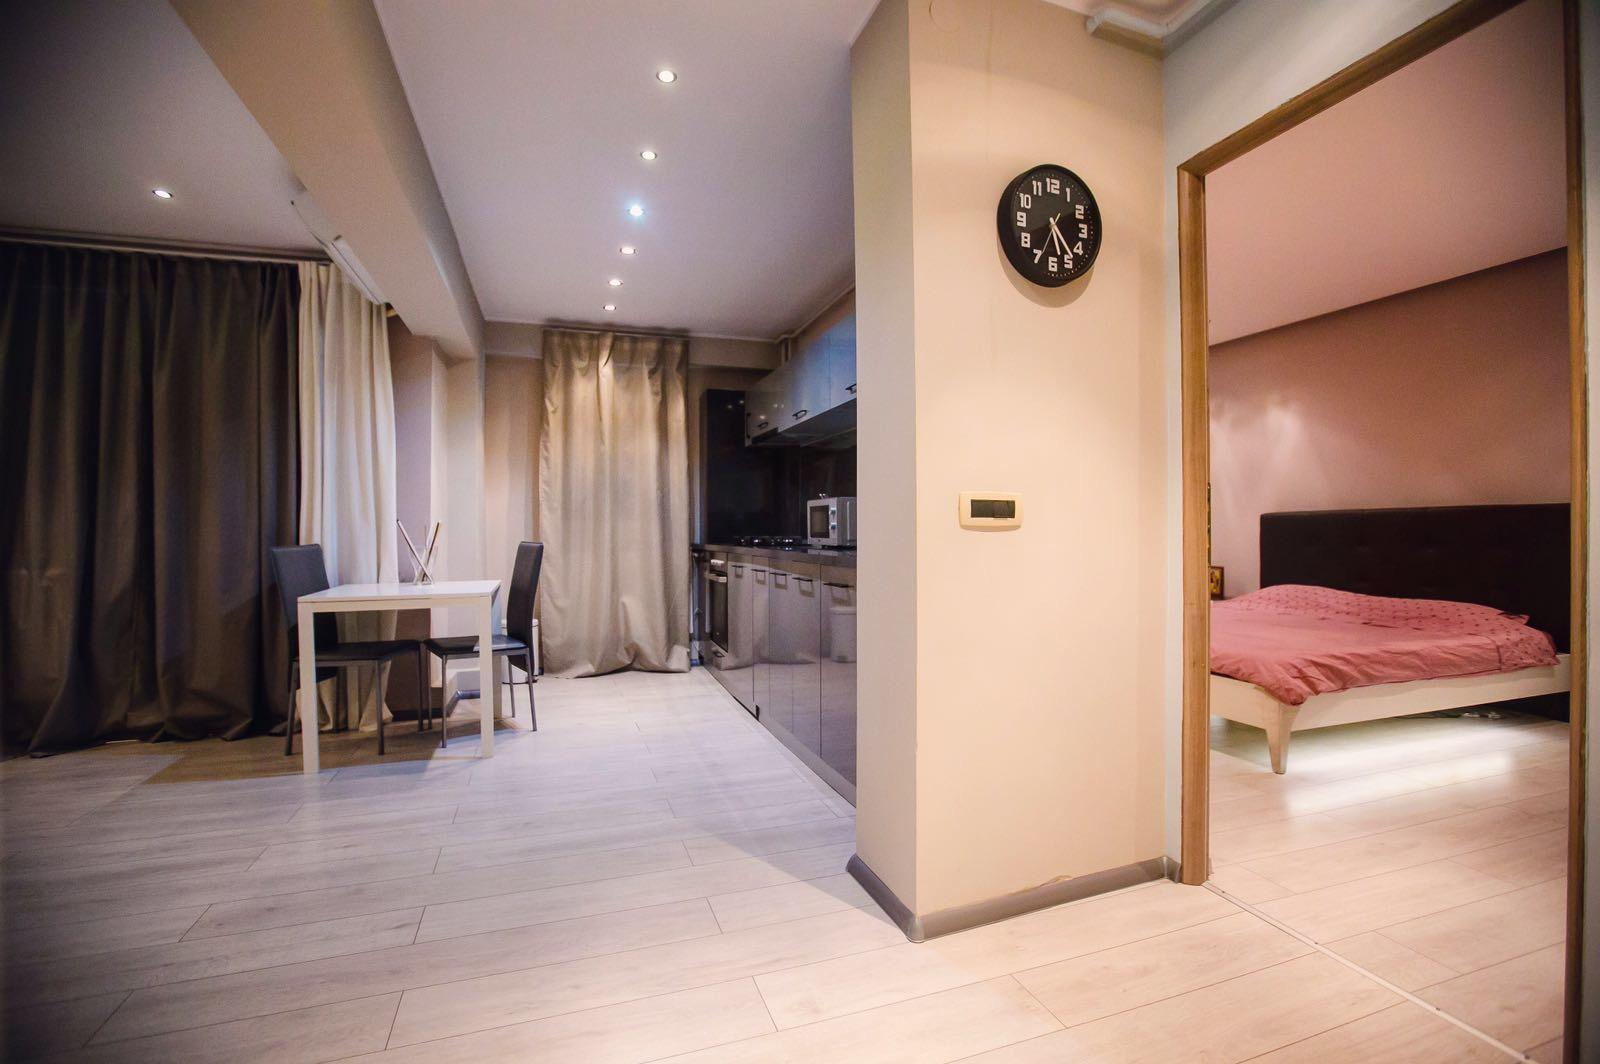 Apartament de vanzare cu doua camere pe Faleza Dunarii mobilat lux